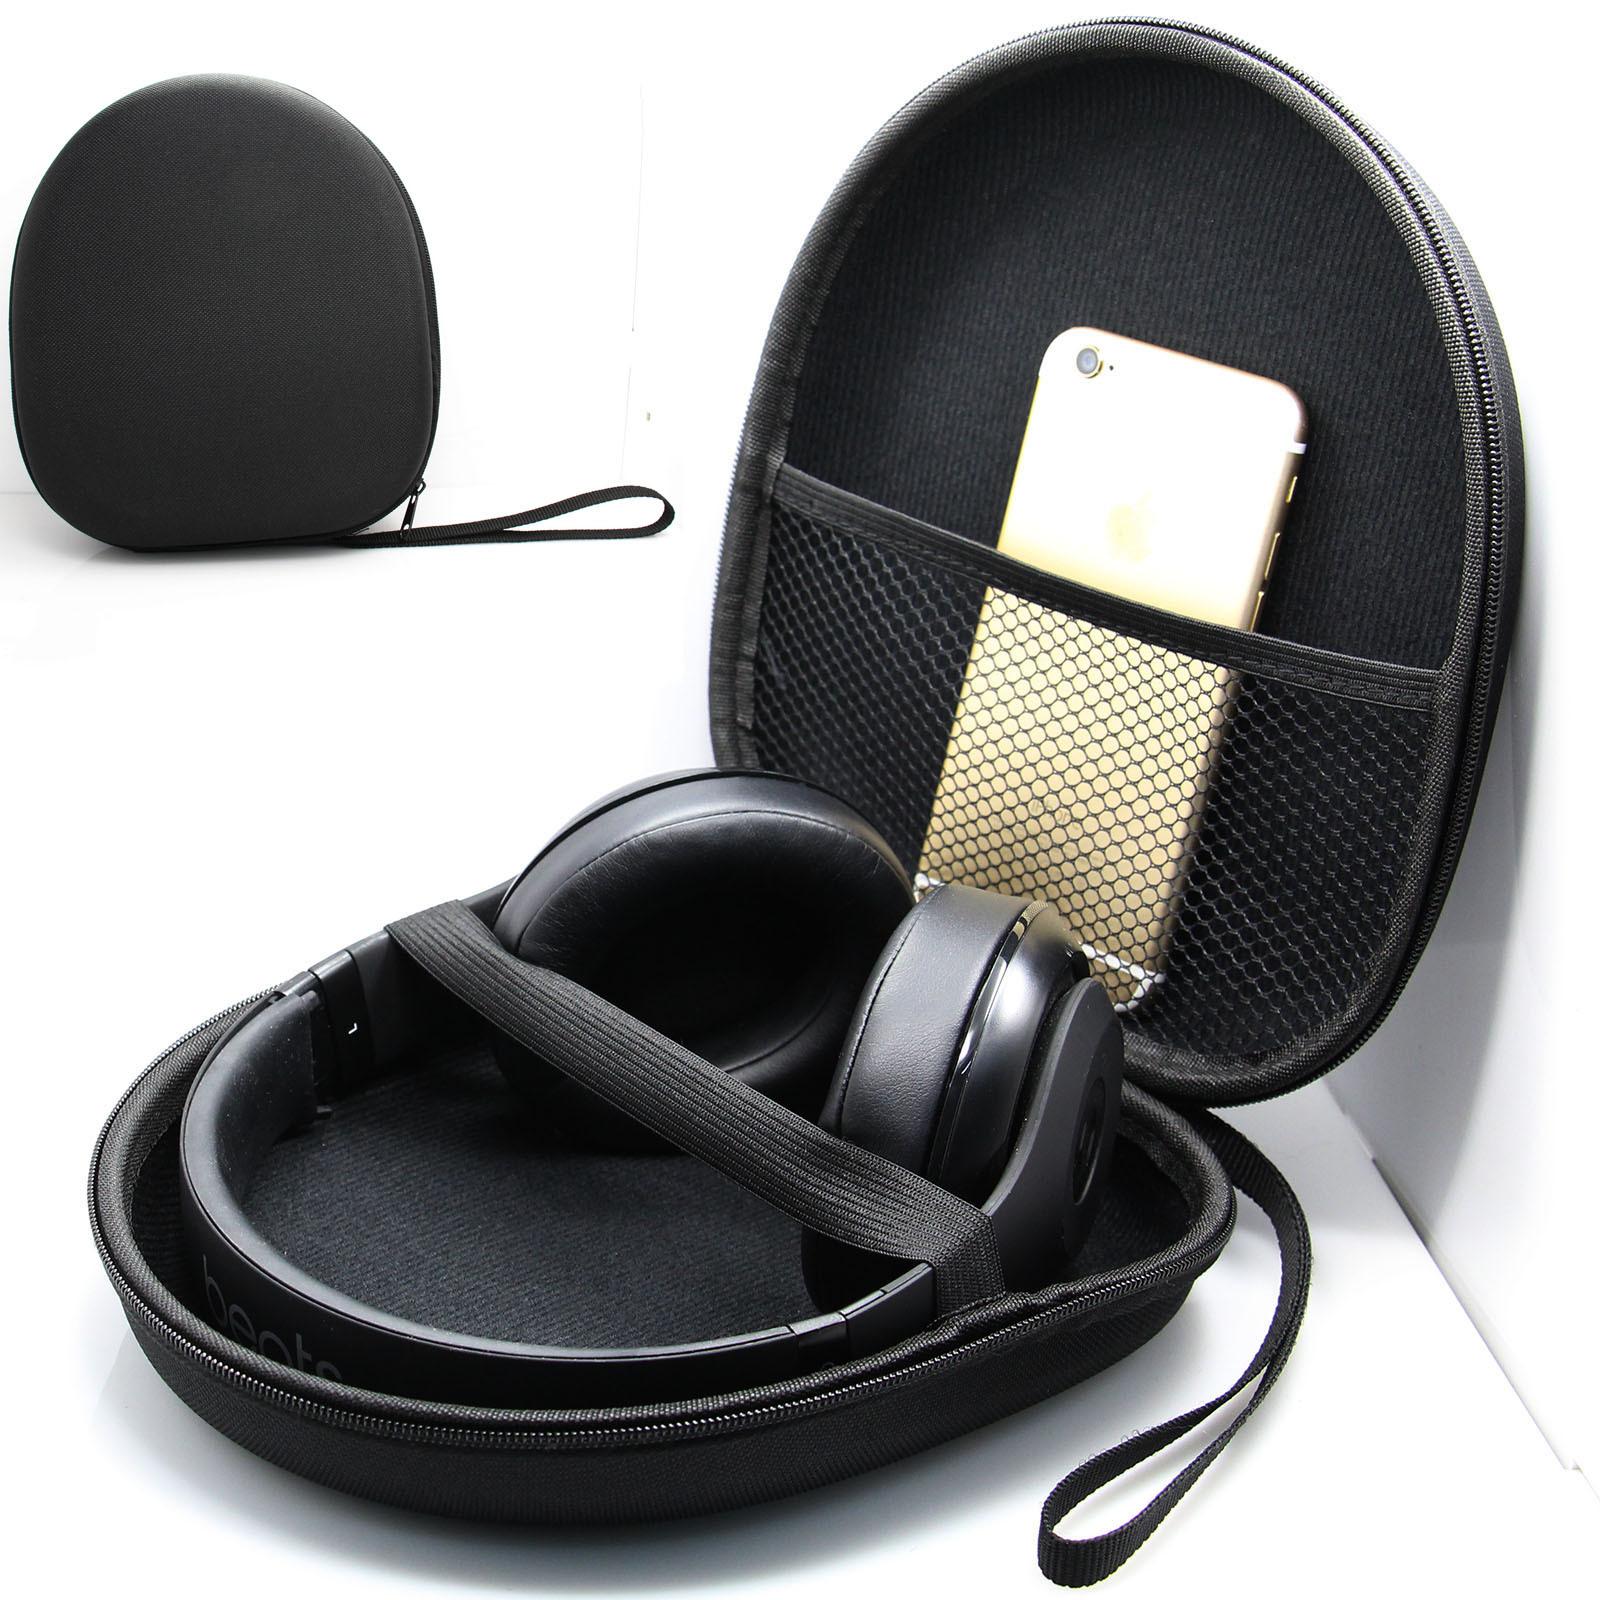 EVA Hard Shell Carrying Practical Headphones Case Headset Box Earphone Cover Travel Bag for SONY Sennheiser  red